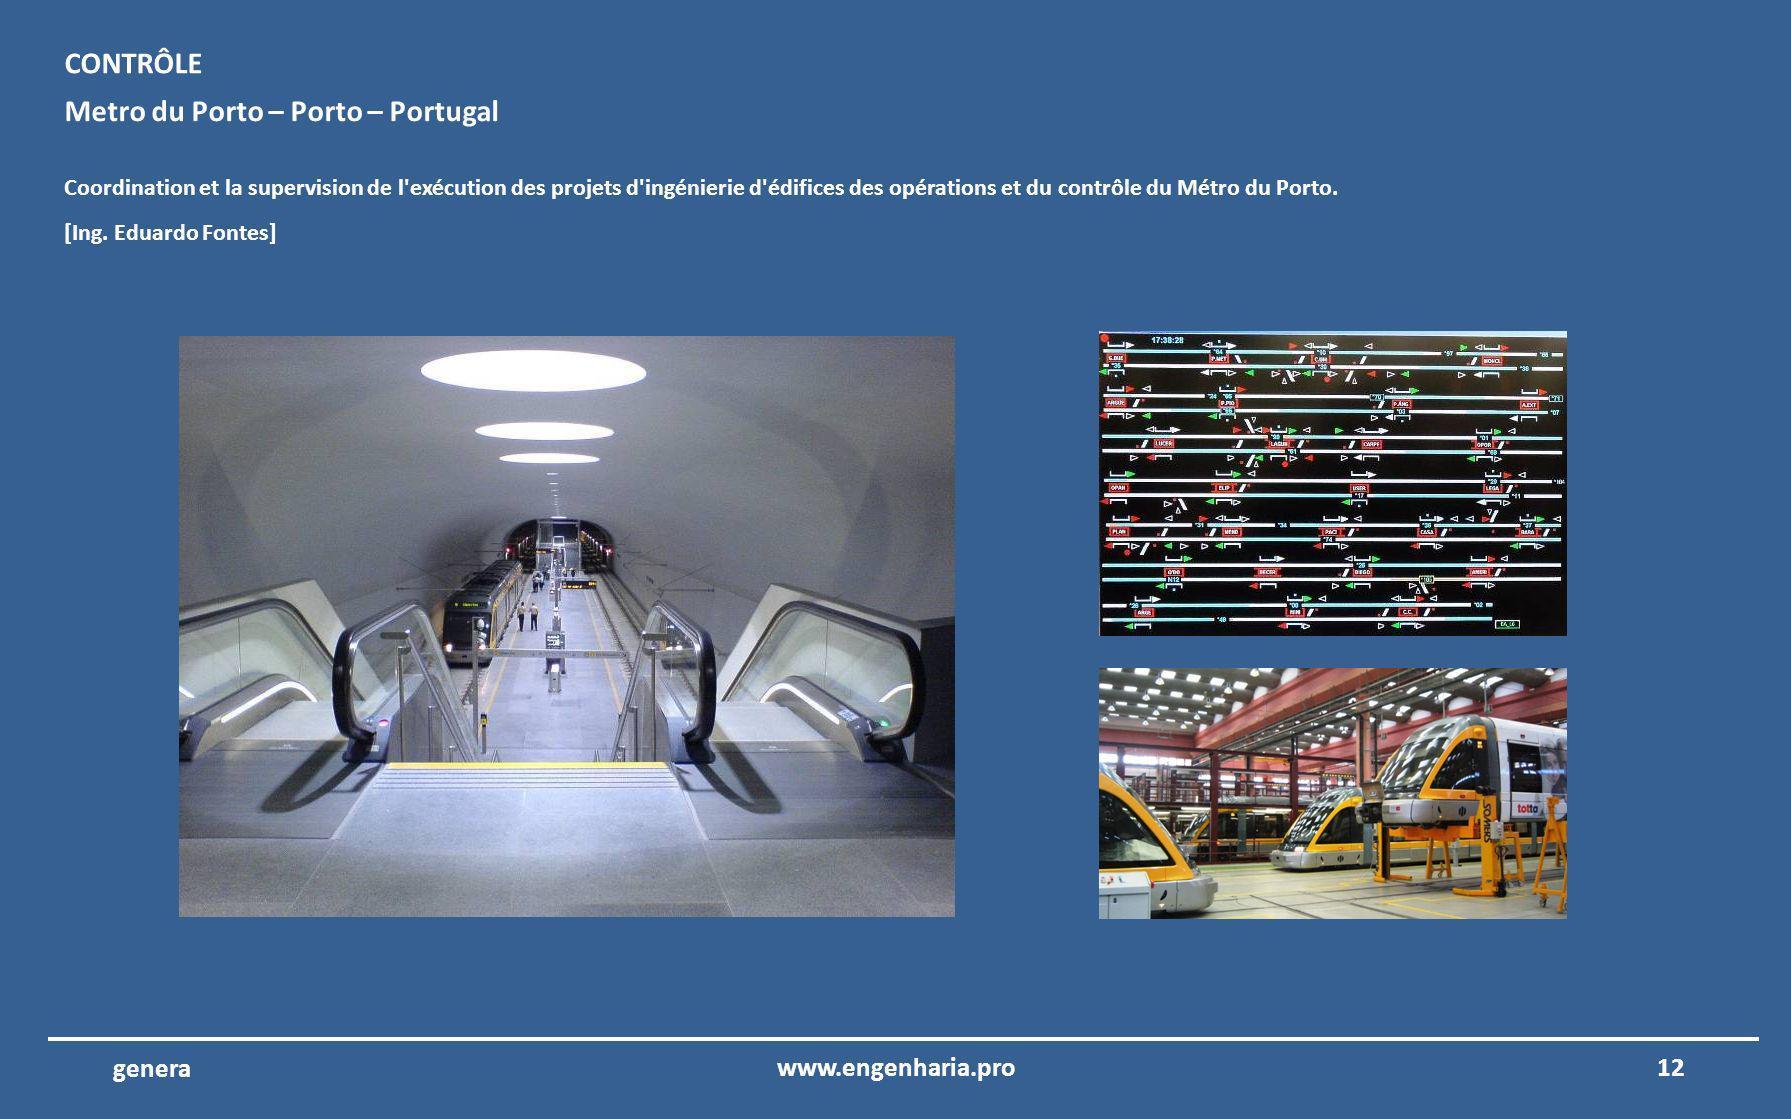 11www.engenharia.pro genera École Publique – Penafiel – Portugal Coordination et la supervision de l exécution des projets d ingénierie d édifices.